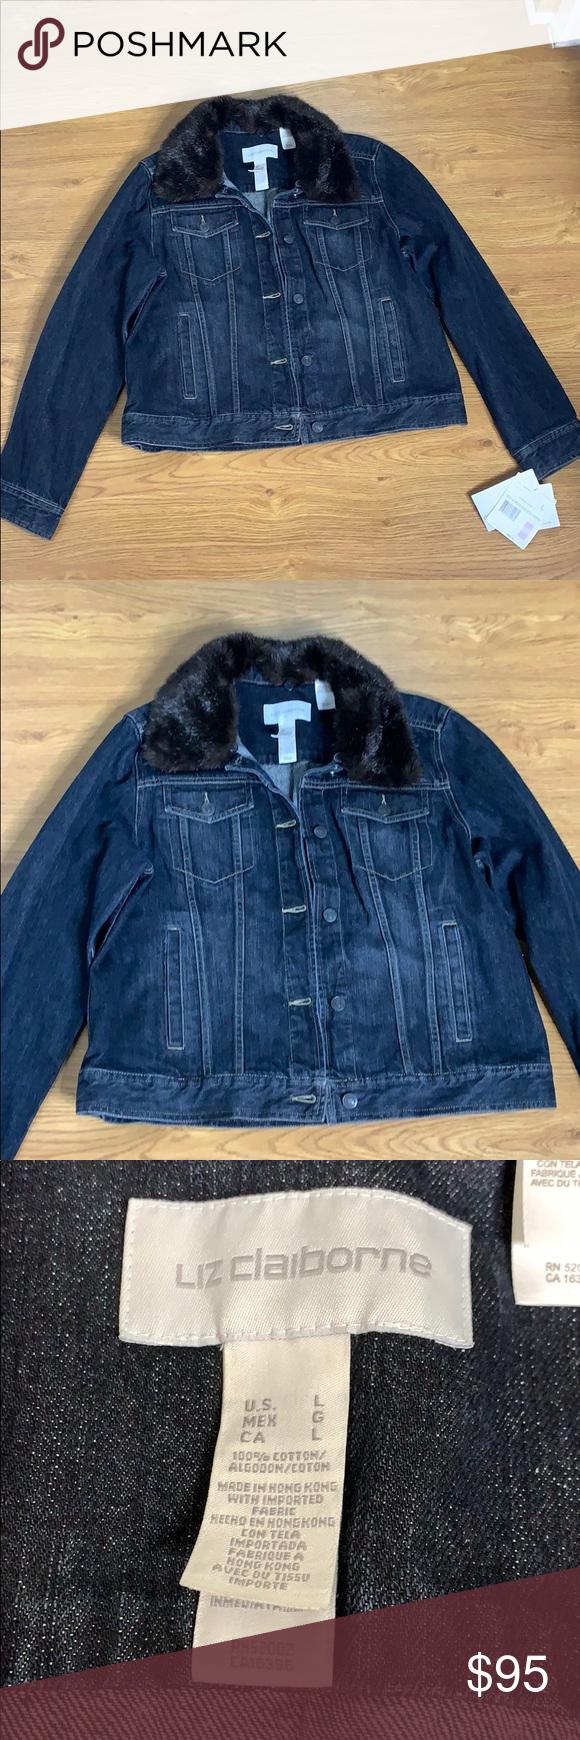 Liz Claiborne Jean Jacket Size L Detachable Fur Liz Claiborne Jackets Jean Jacket [ 1740 x 580 Pixel ]